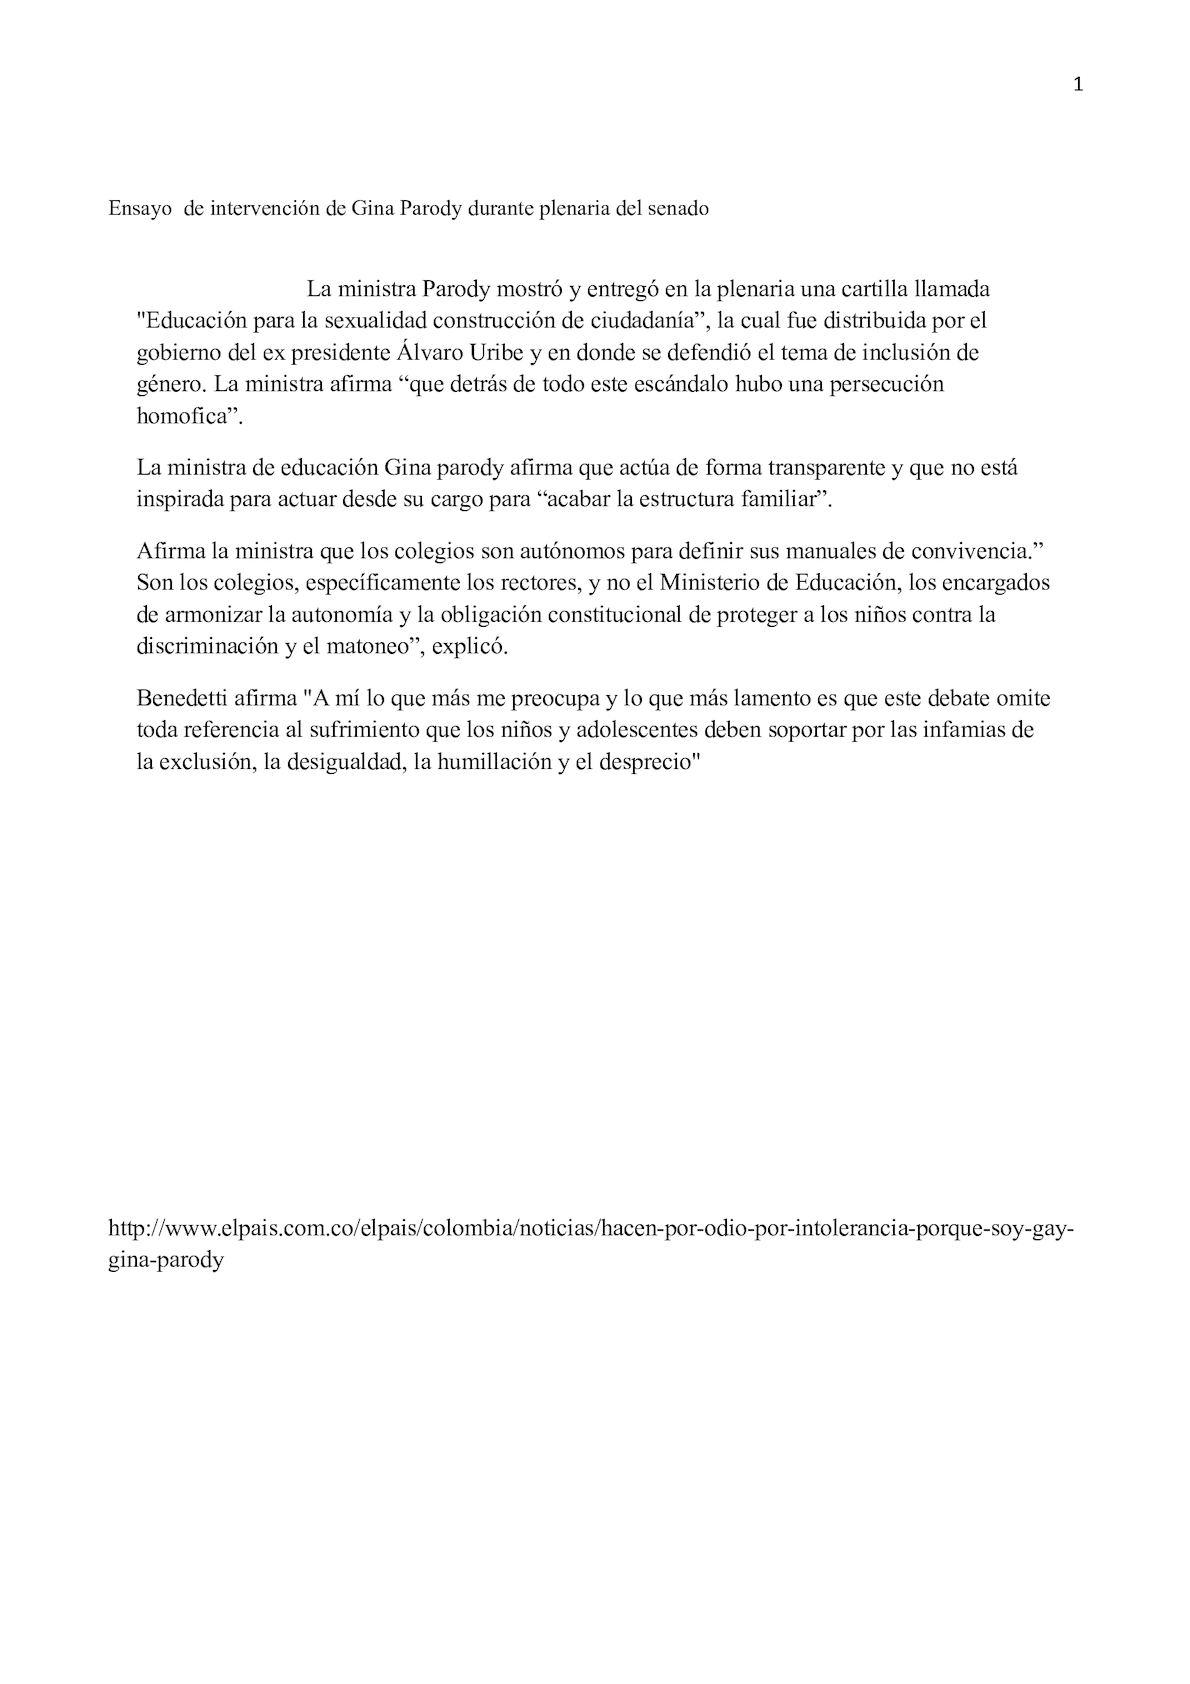 Calaméo Ensayo De Intervención De Gina Parody Durante